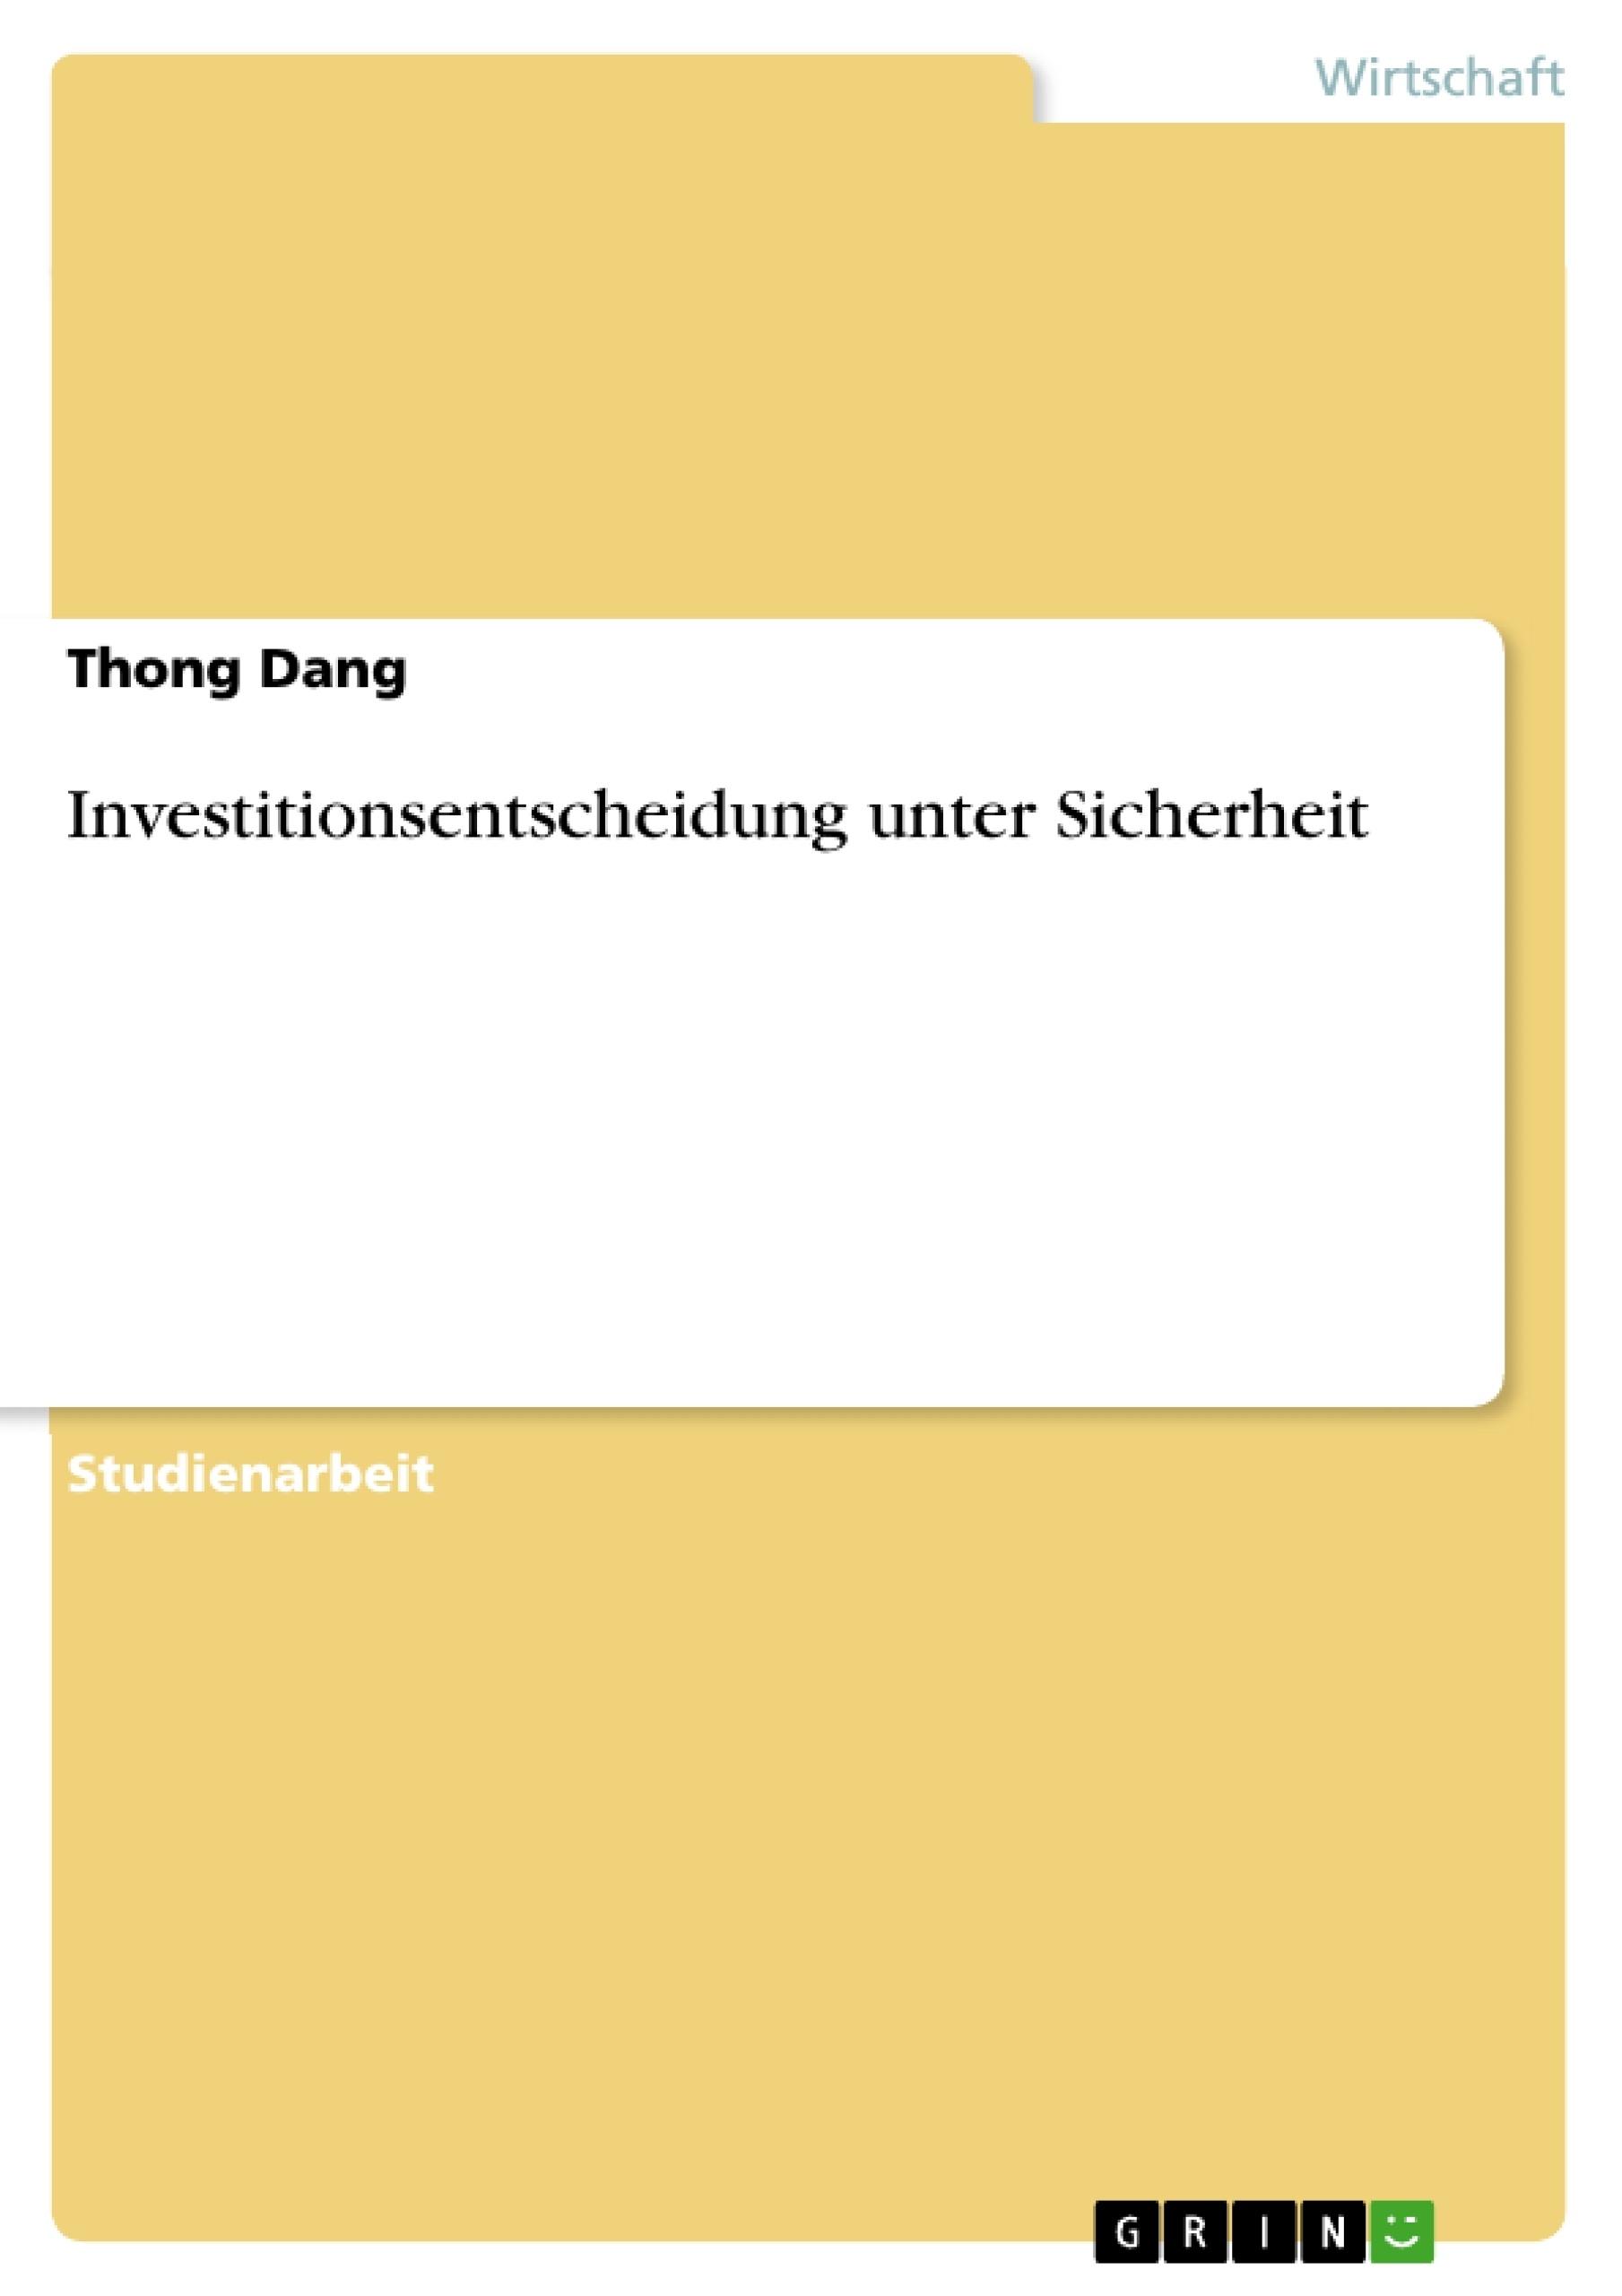 Titel: Investitionsentscheidung unter Sicherheit